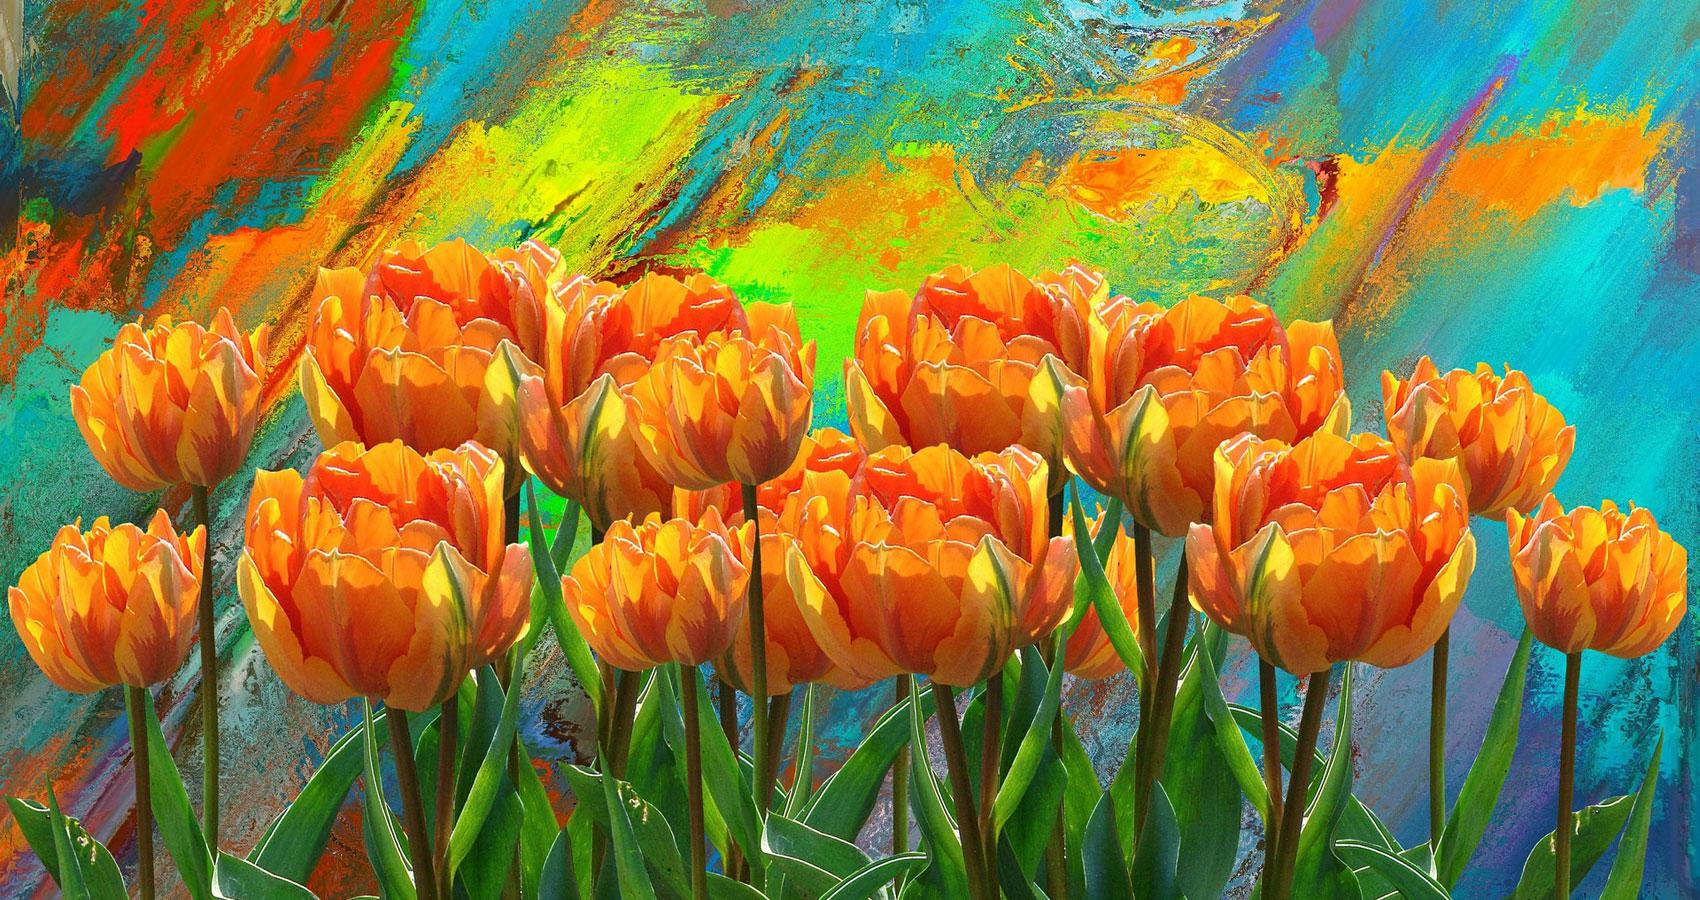 Sonnet To A Velvet Rhapsody written by Ken Allan Dronsfield at Spillwords.com